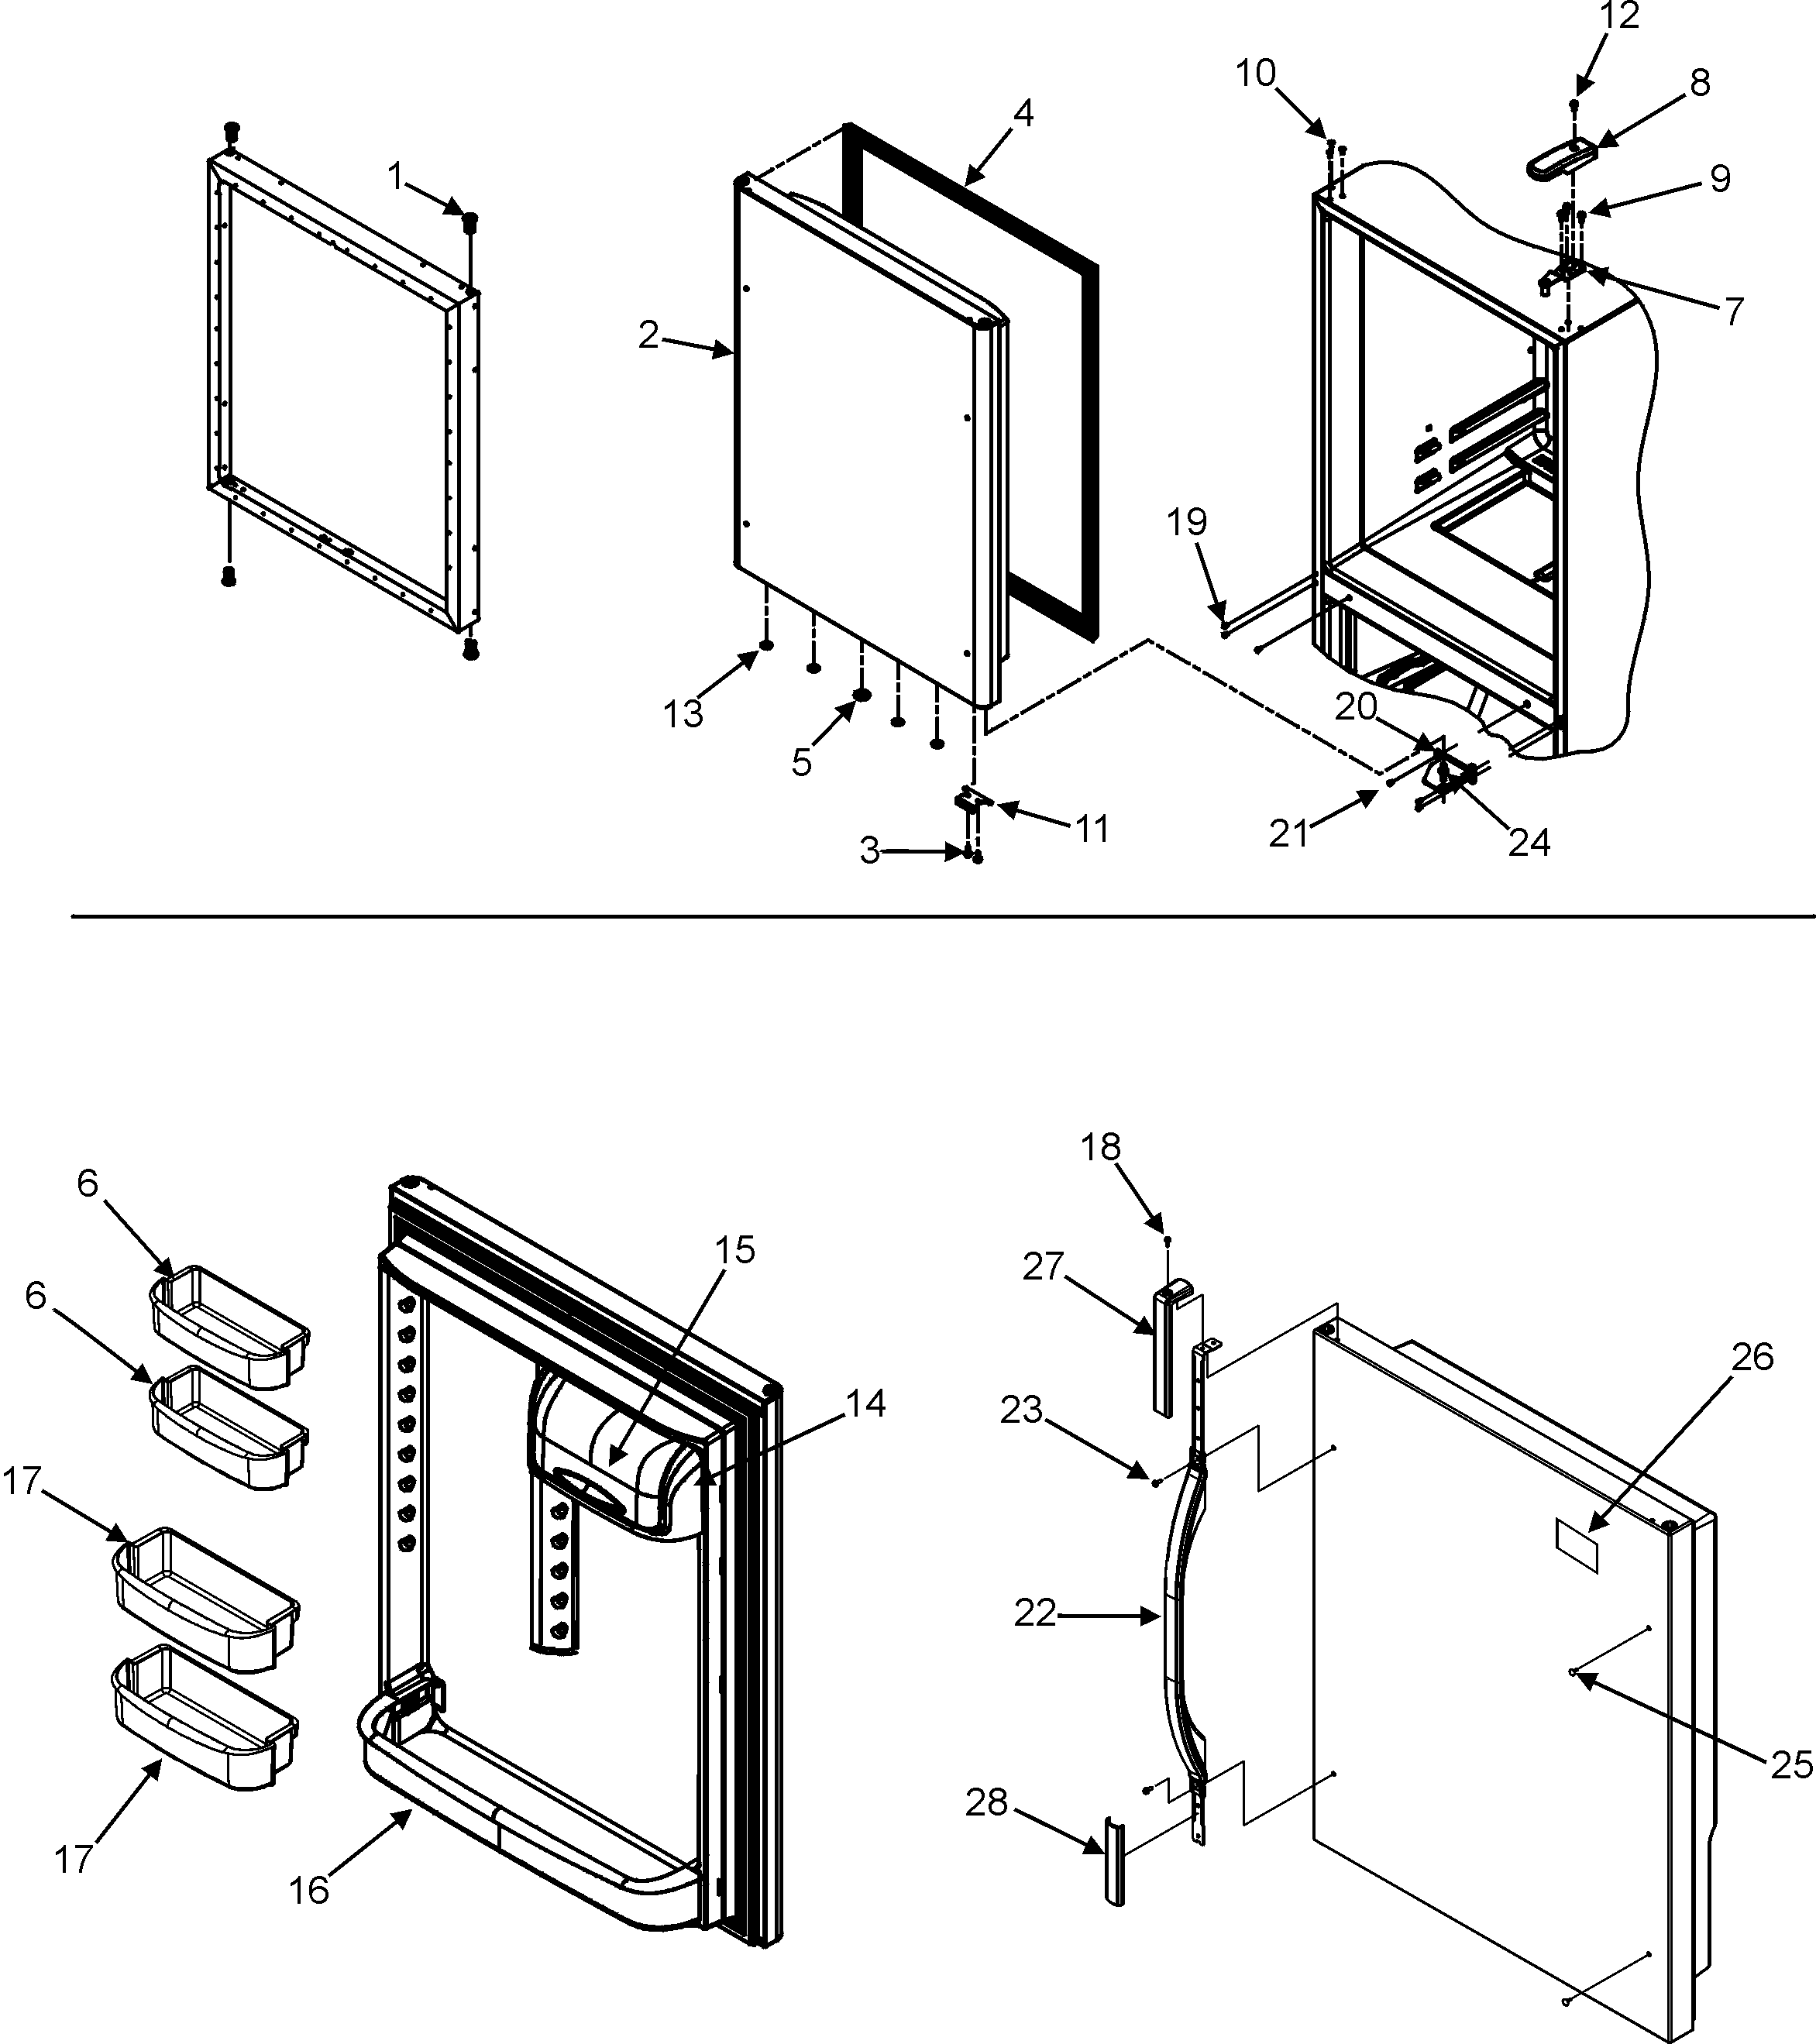 maytag refrigerator controls